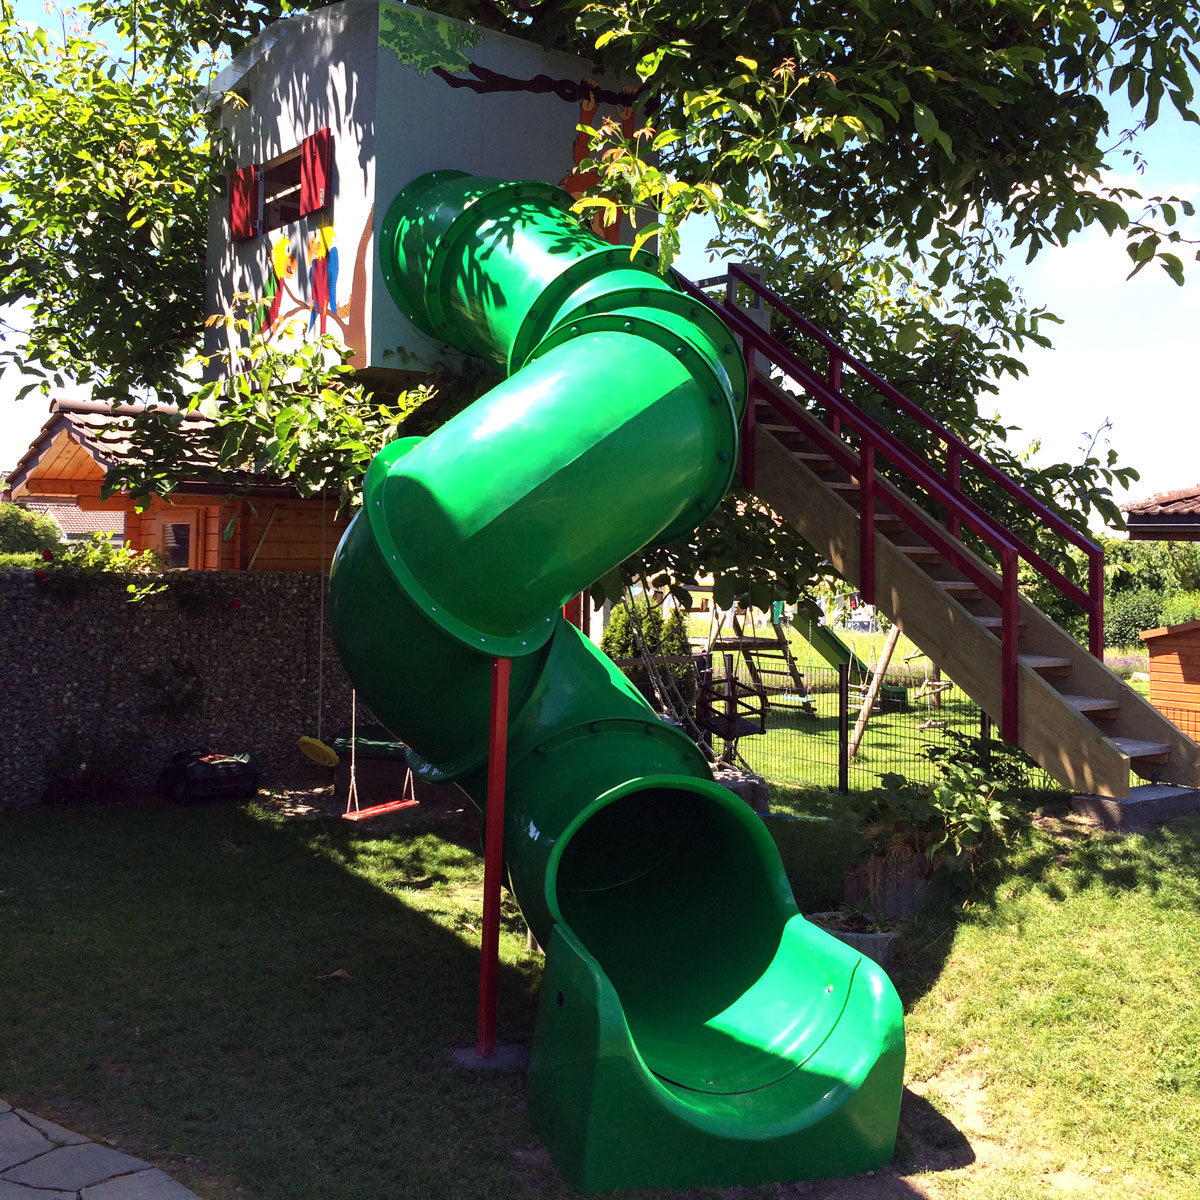 Tunnelrutsche im Garten montiert an Baumhaus